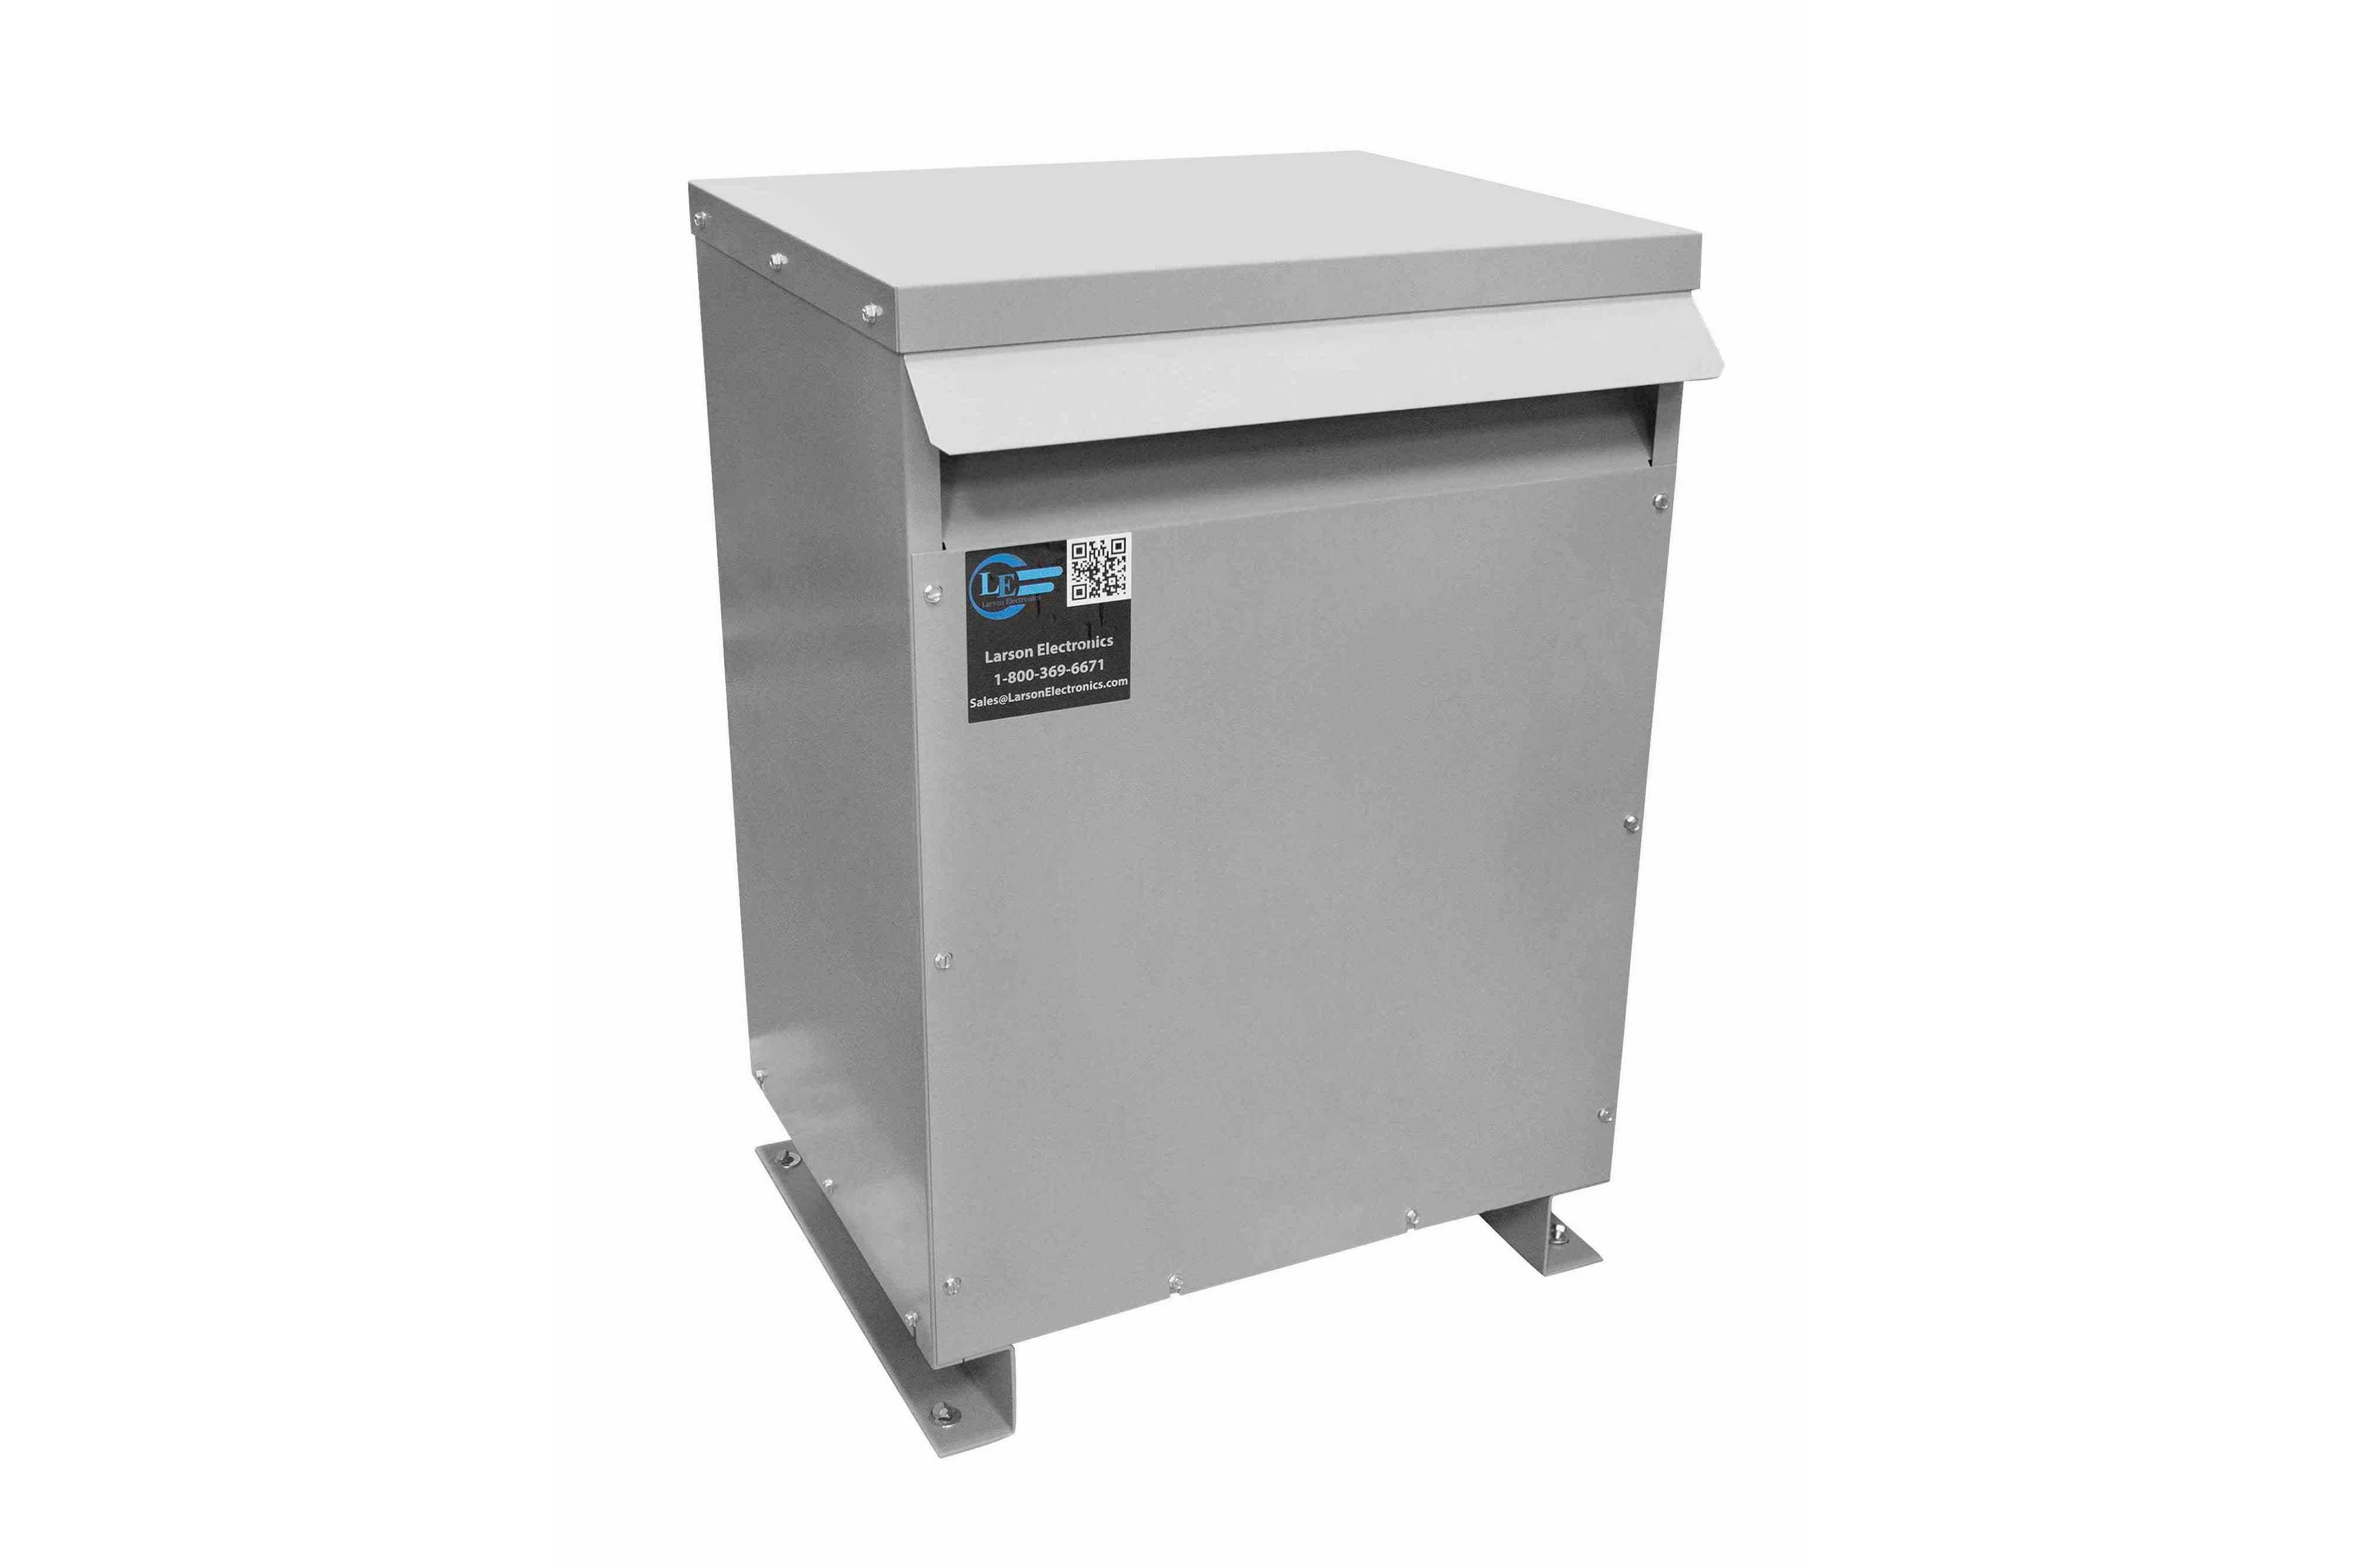 50 kVA 3PH Isolation Transformer, 600V Delta Primary, 480V Delta Secondary, N3R, Ventilated, 60 Hz